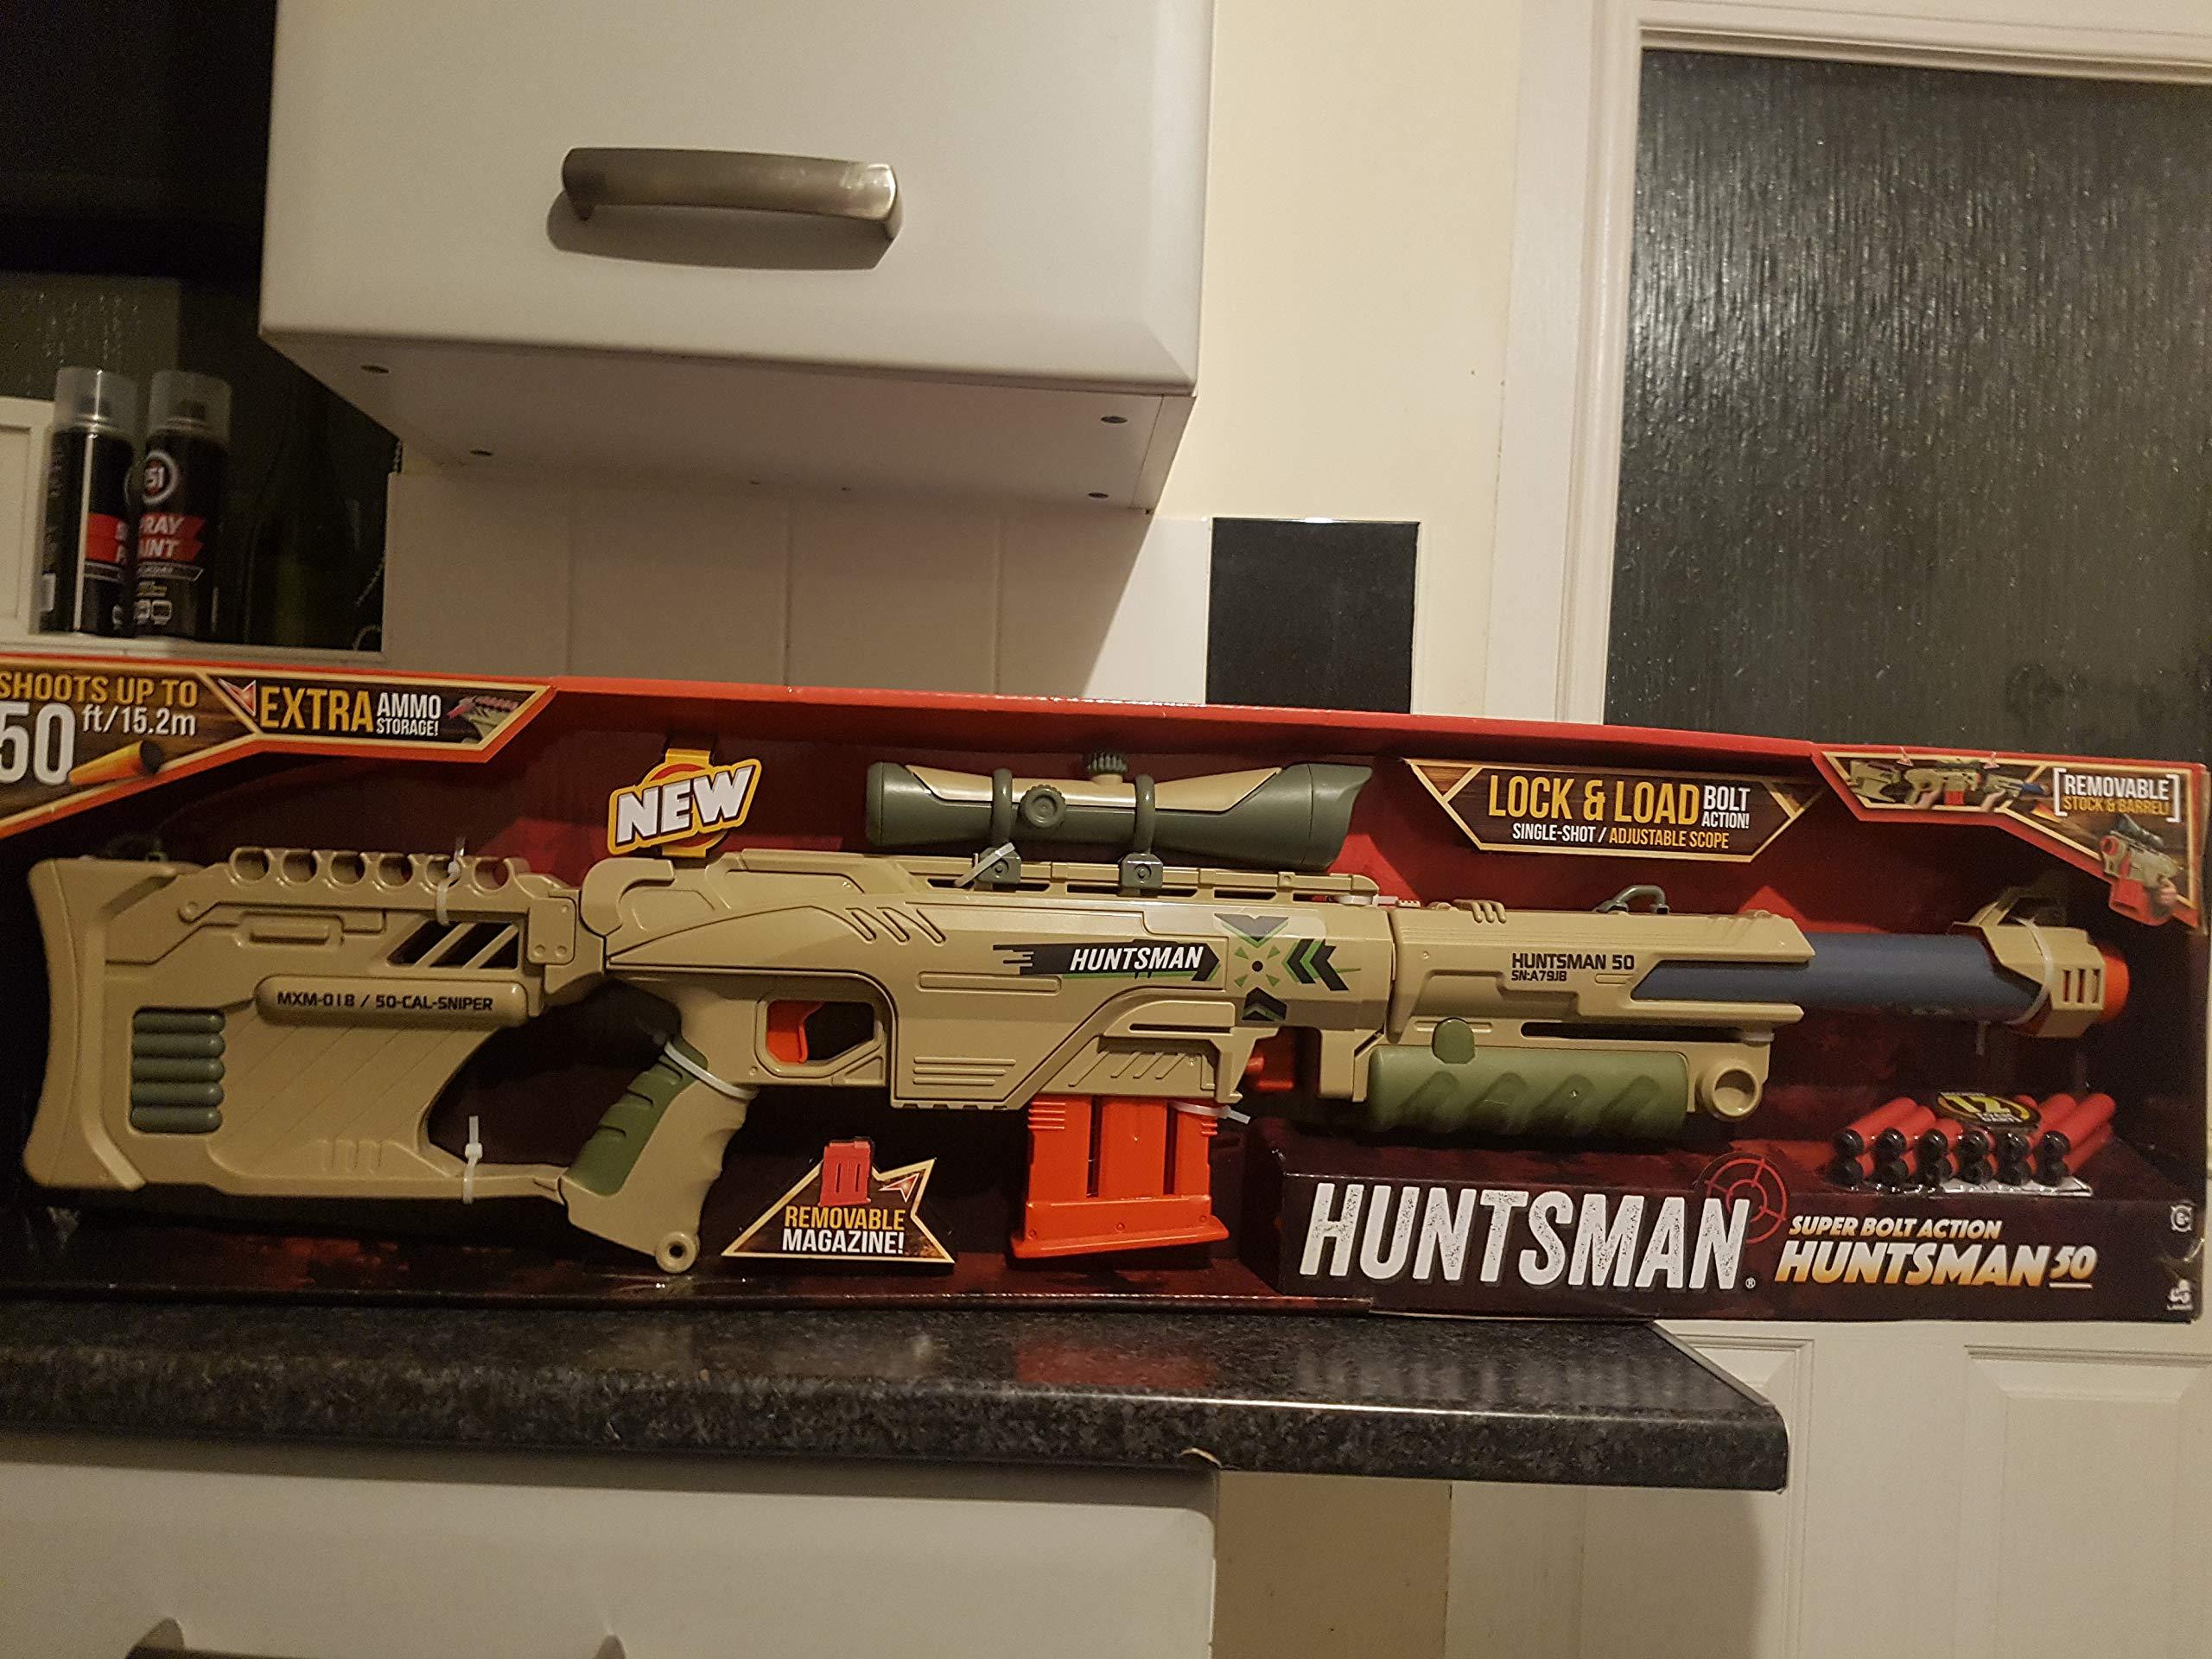 Huntsman 50 3 IN 1